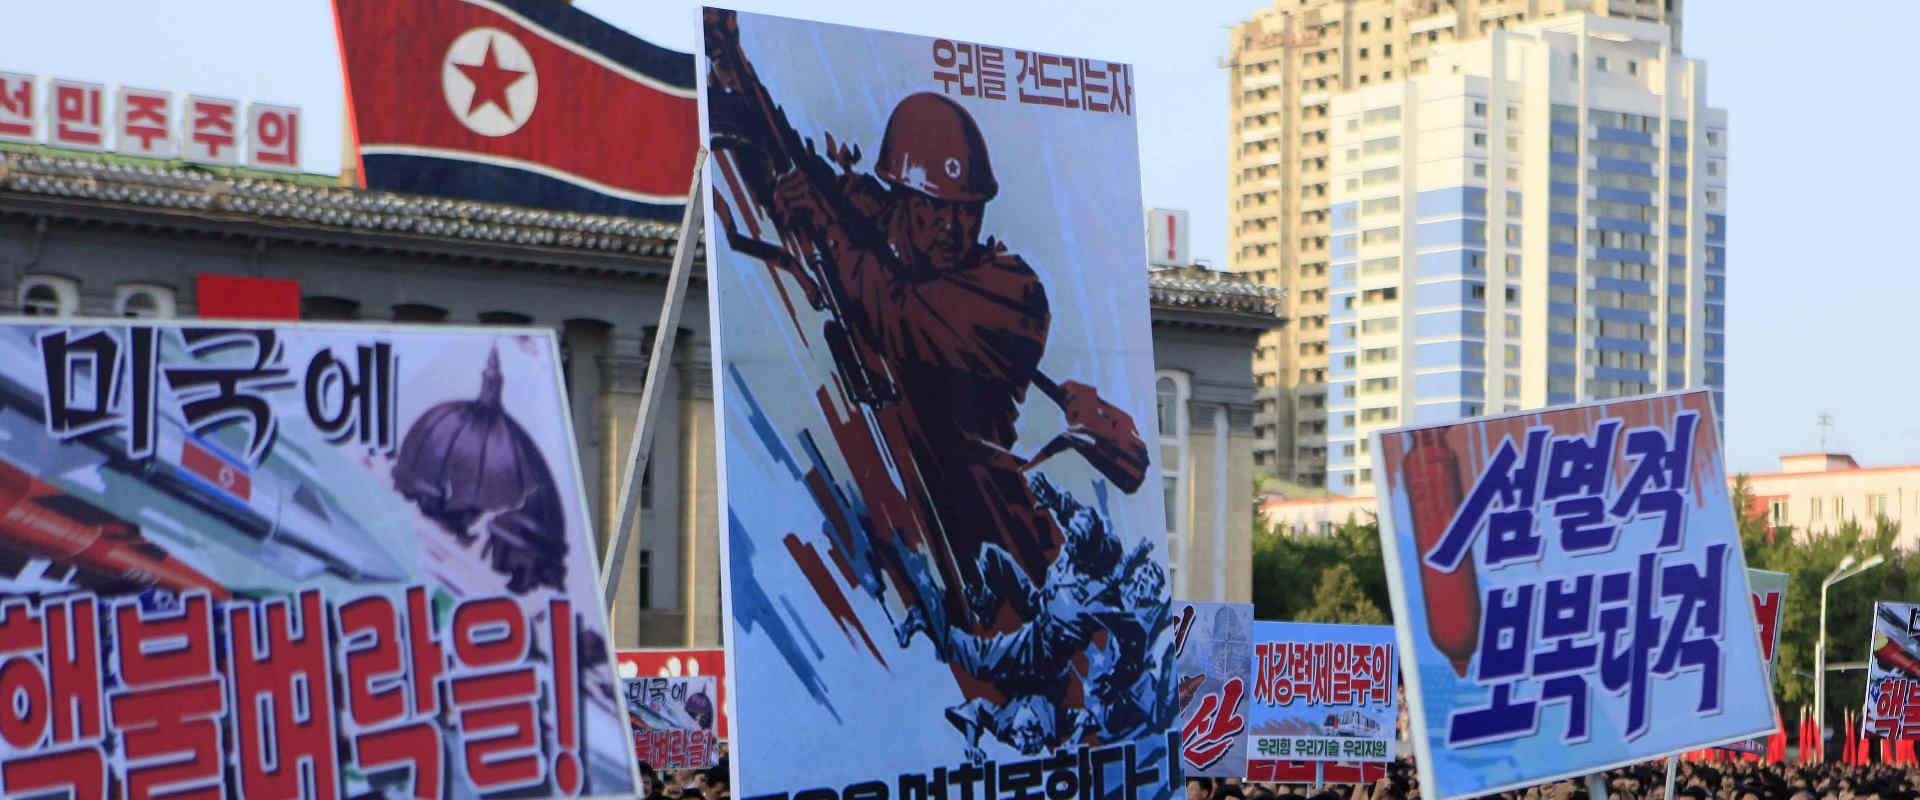 """שלטים הקוראים לתקוף את ארה""""ב בעצרת בפיונגיאנג"""